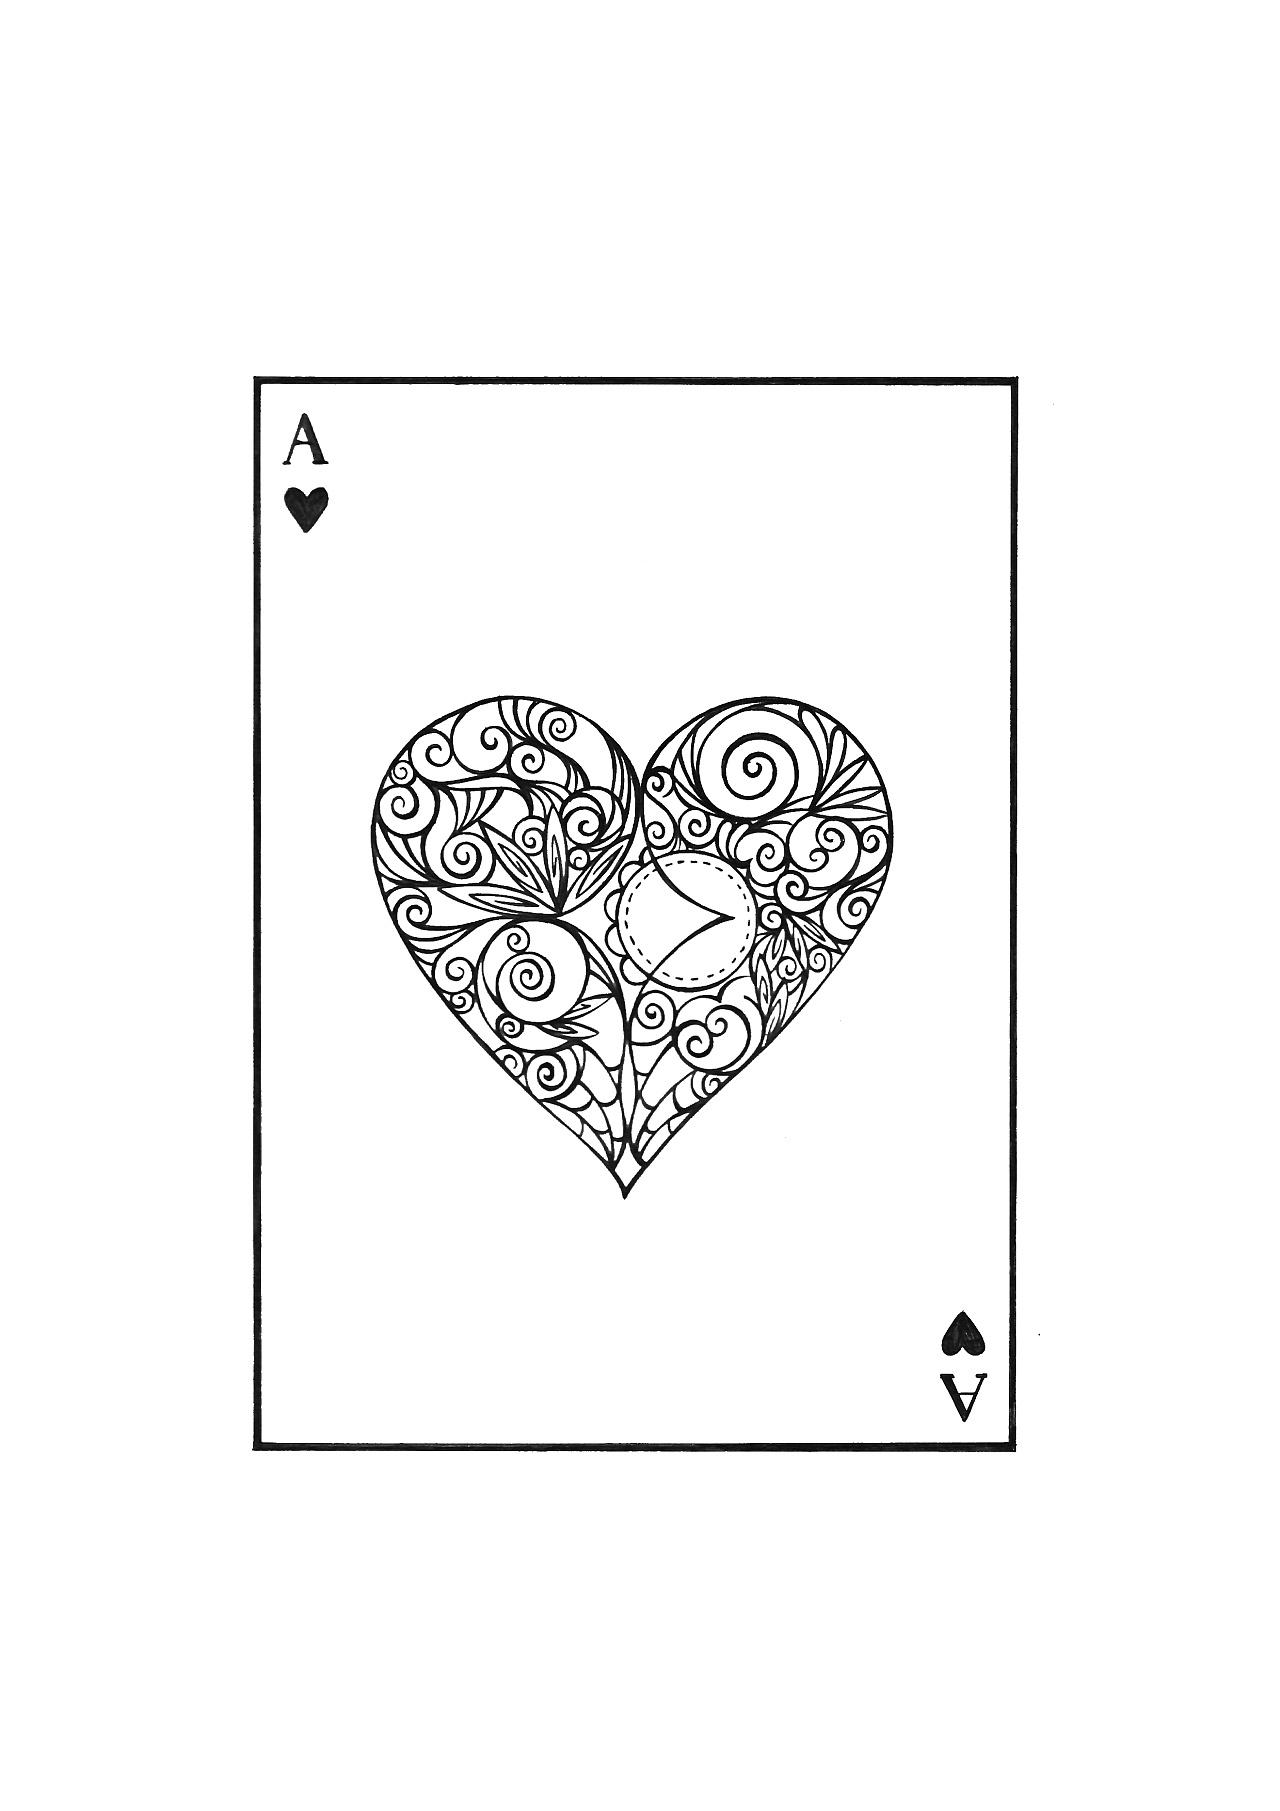 扑克牌手绘设计